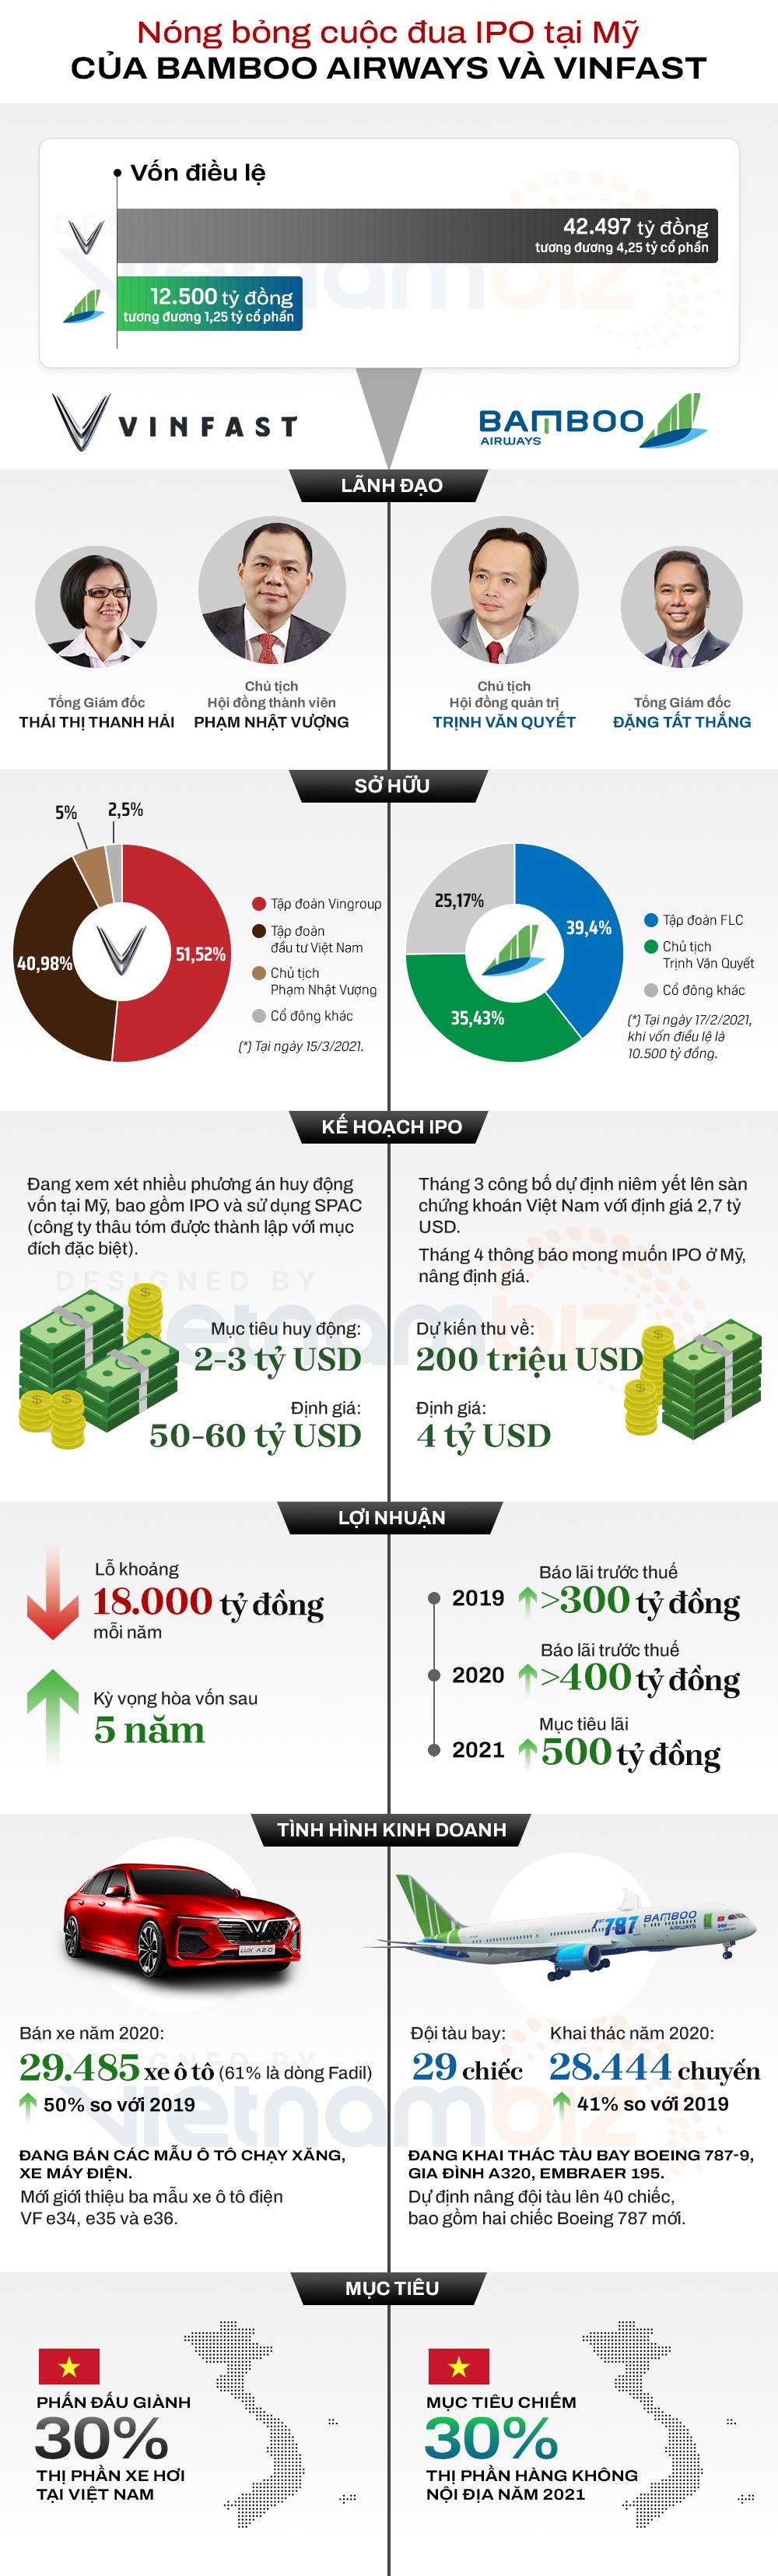 [Infographic] Nóng bỏng cuộc đua IPO tại Mỹ của Bamboo Airways và VinFast - Ảnh 1.